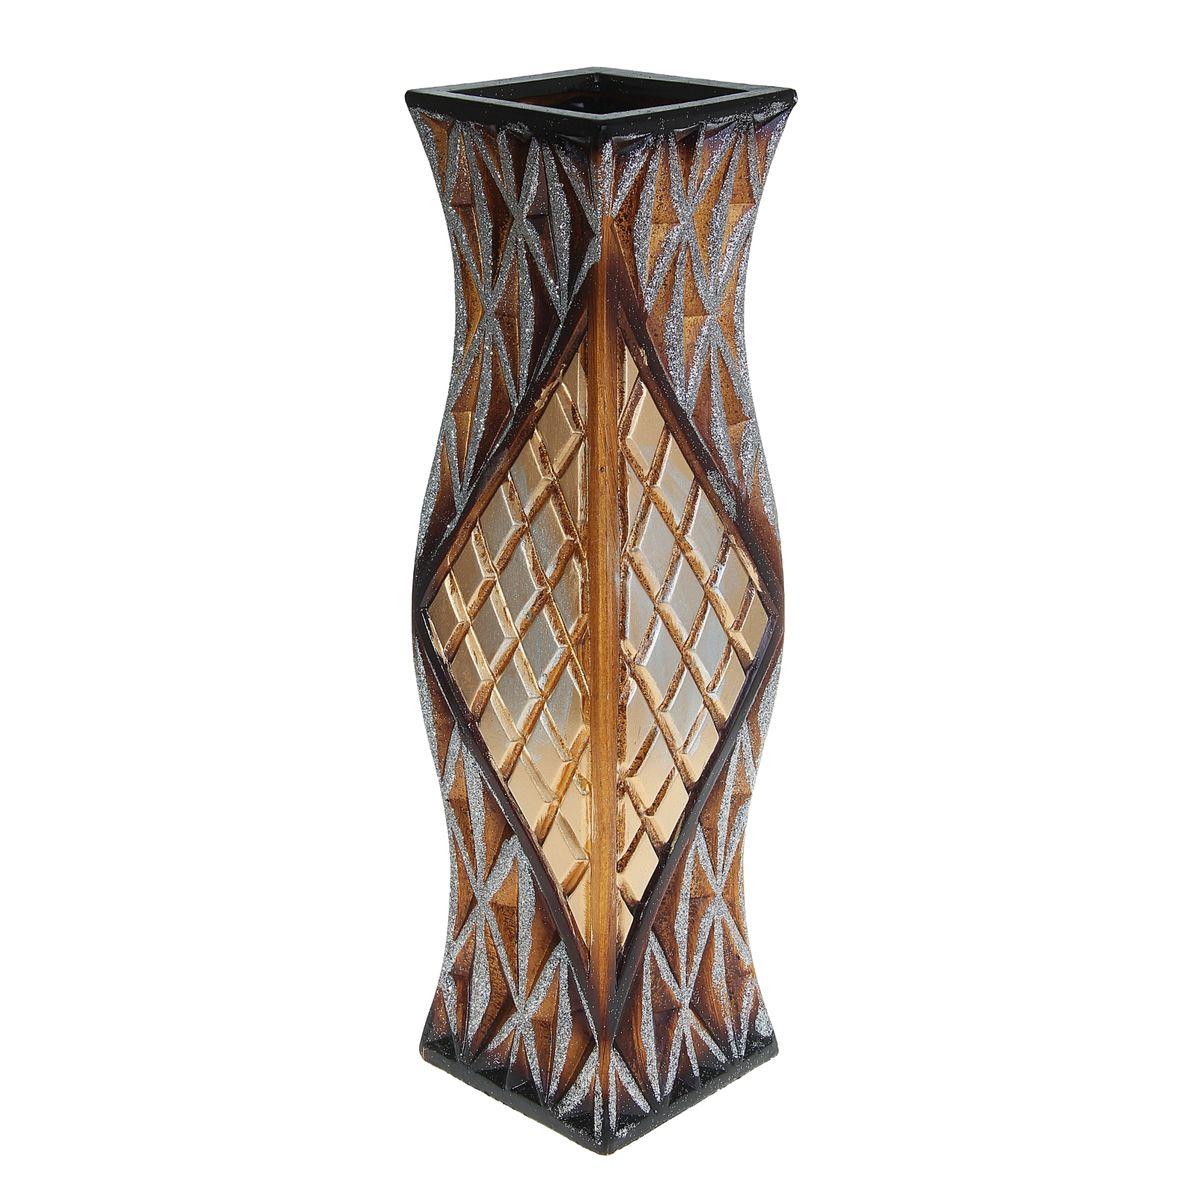 Ваза напольная Ромбы, цвет: коричневый, высота 60 см. 913778913778Керамика